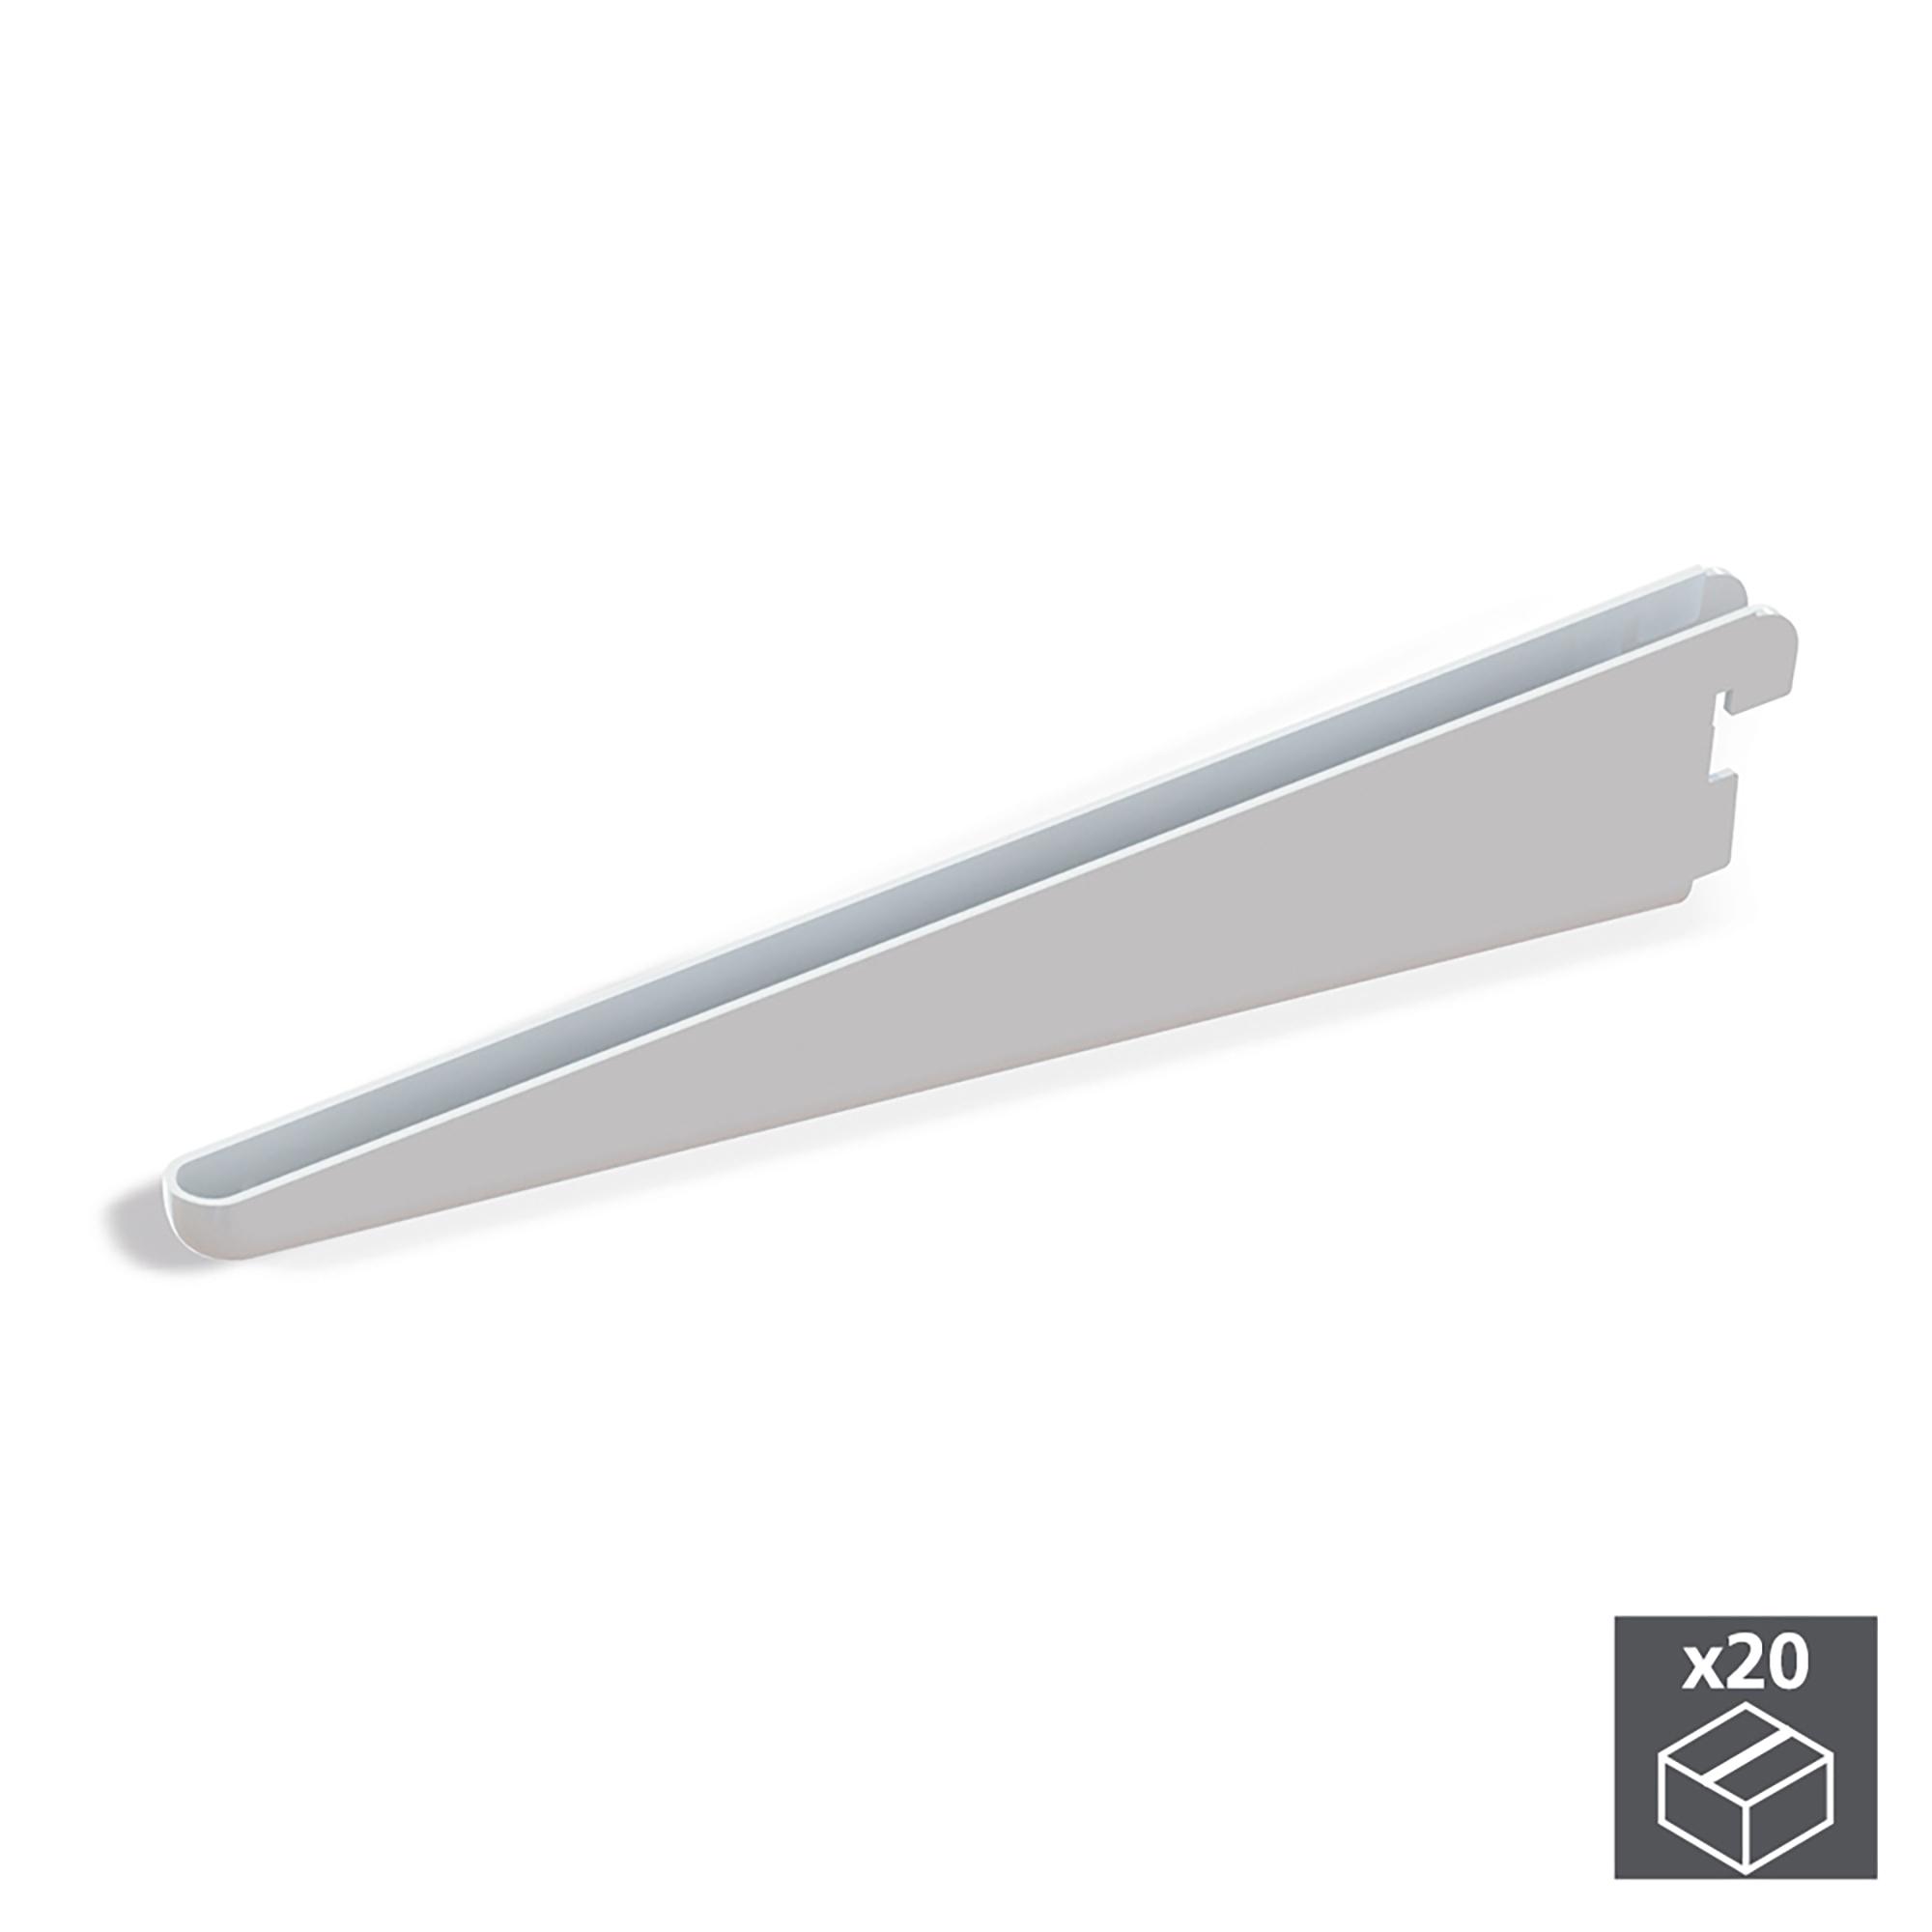 Emuca Supporto per ripiani di legno/vetro, profilo a passo 32 mm, 220 mm, Acciaio, Bianco, 20 u.